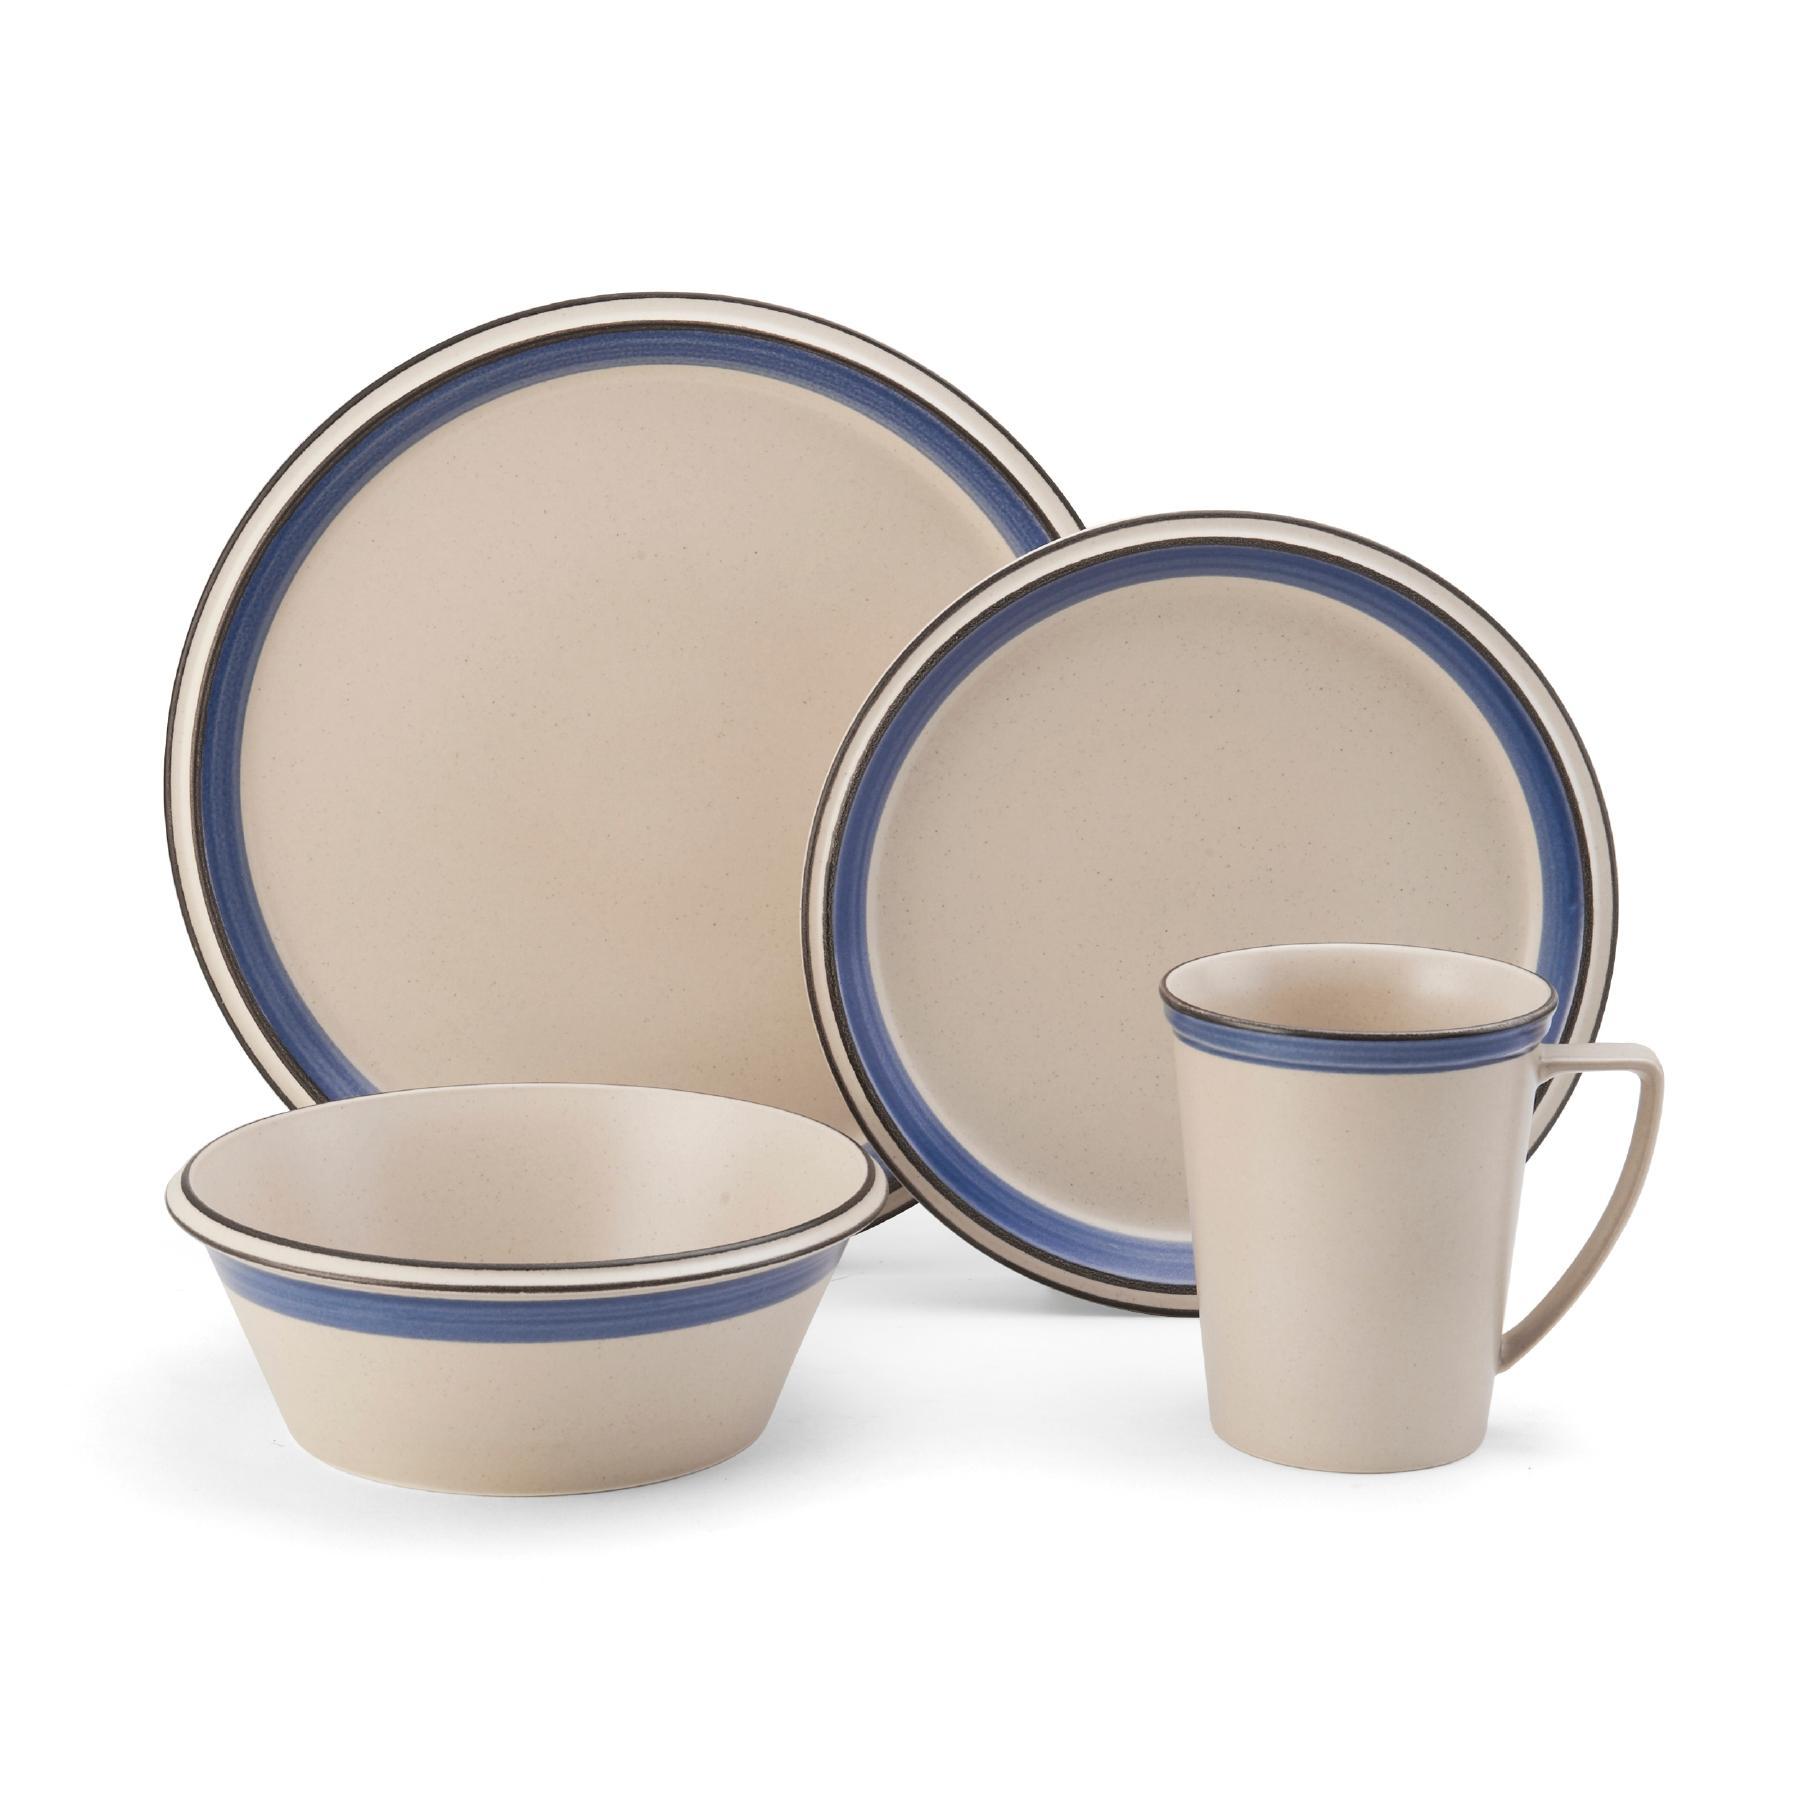 Best Price For  Piece Kitchen Dinnerware